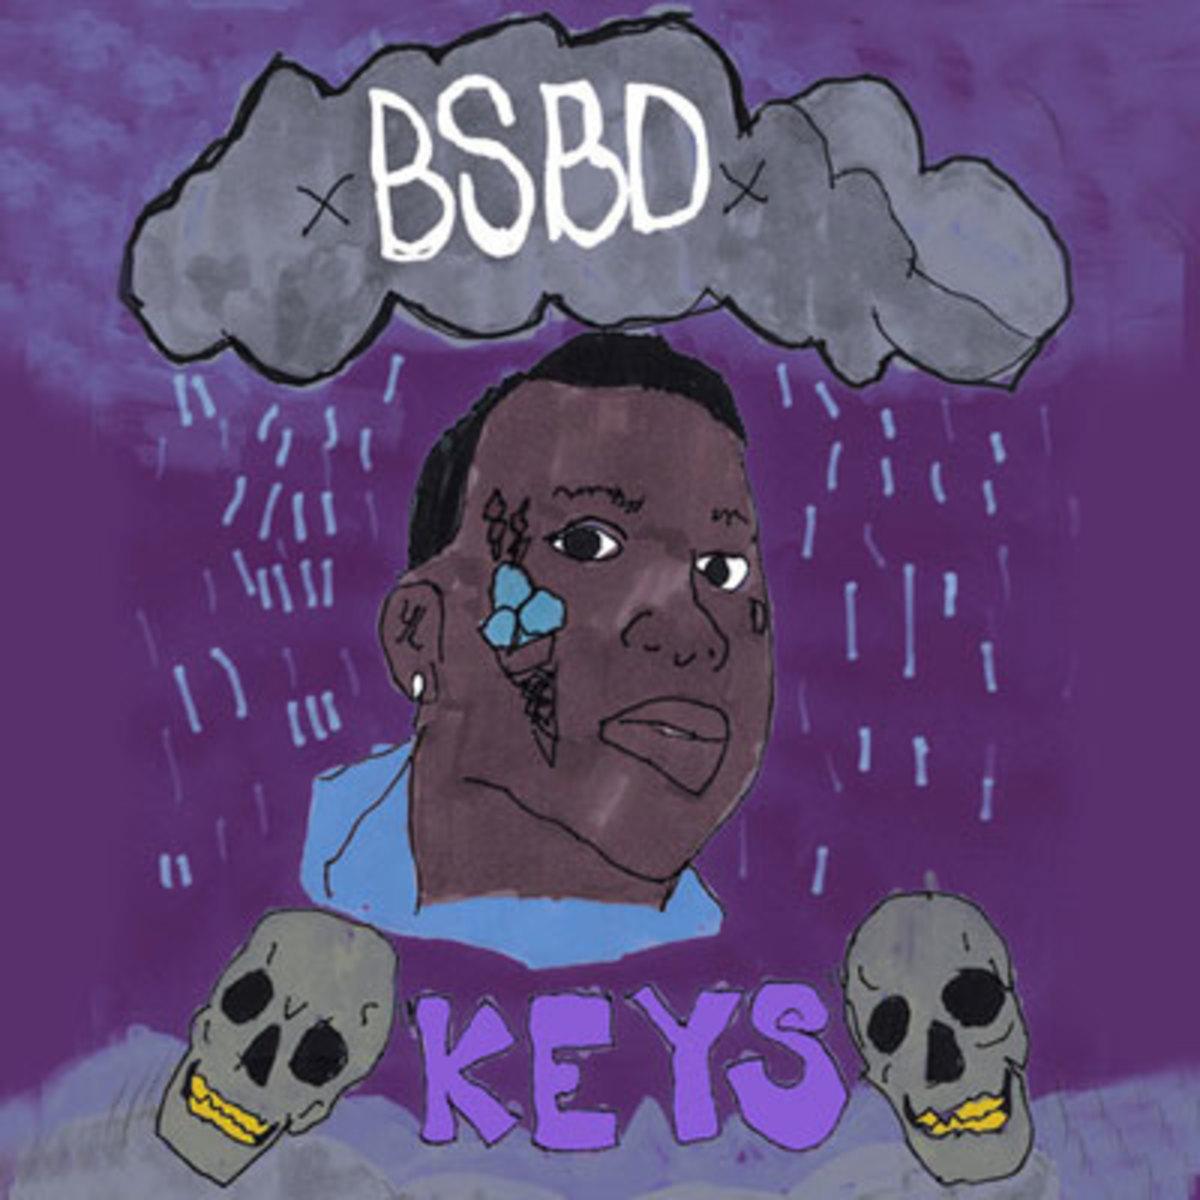 bsbd-keys.jpg